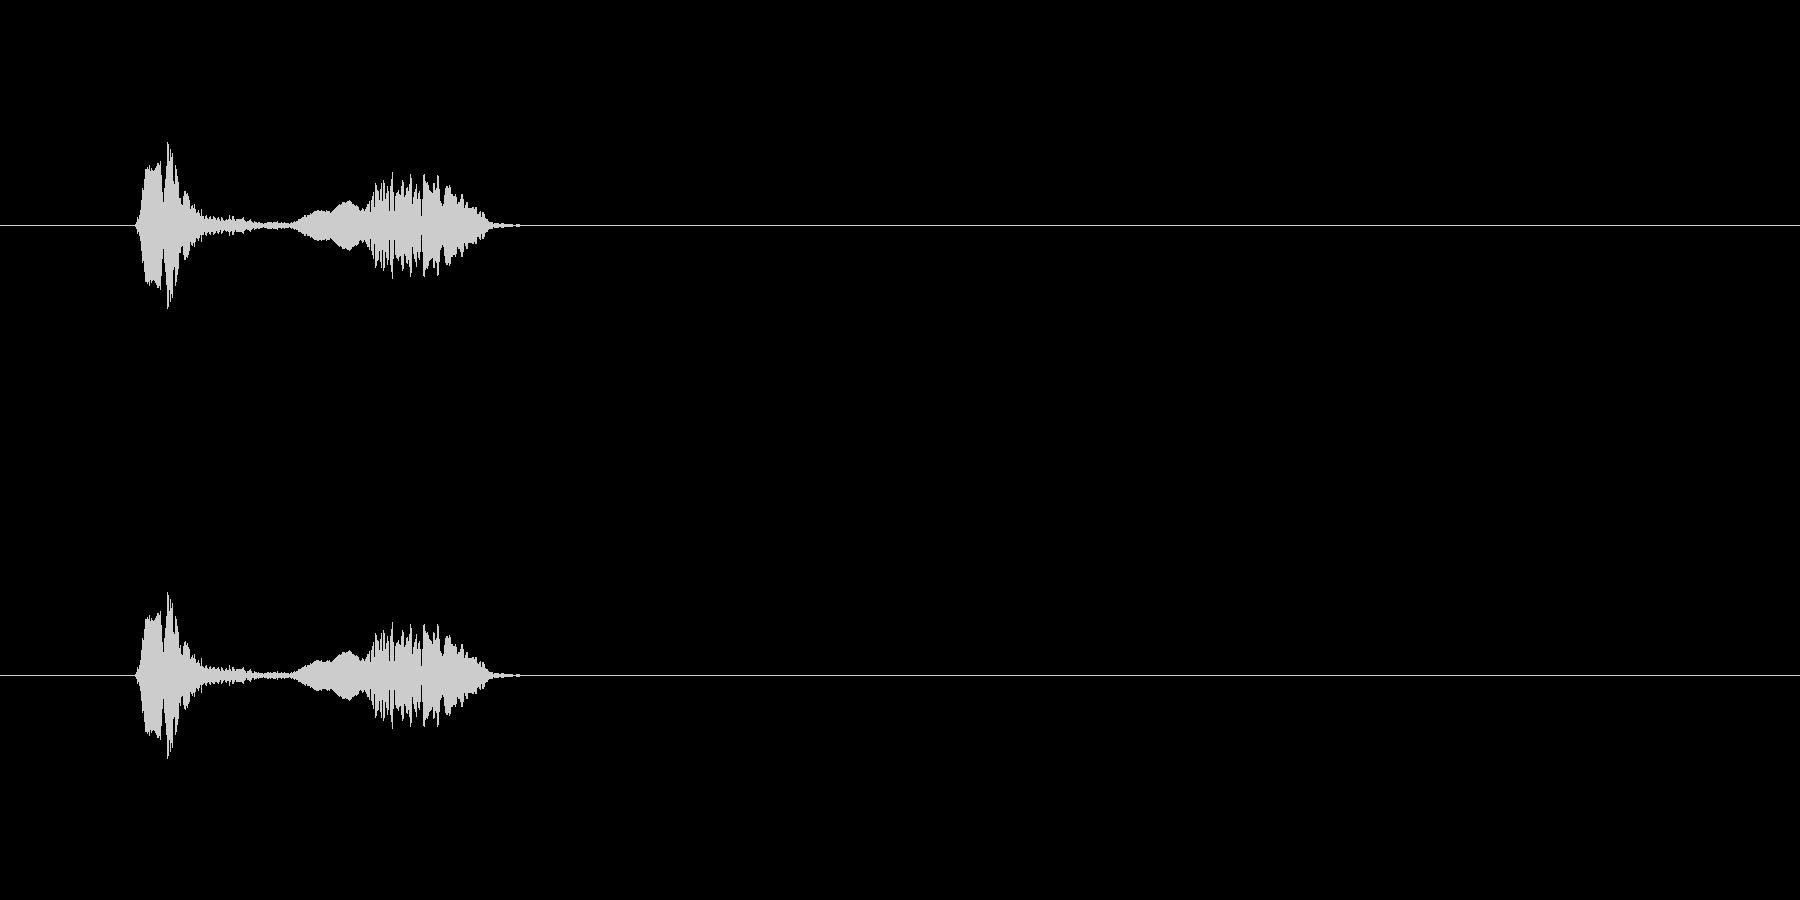 【ポップモーション29-2】の未再生の波形